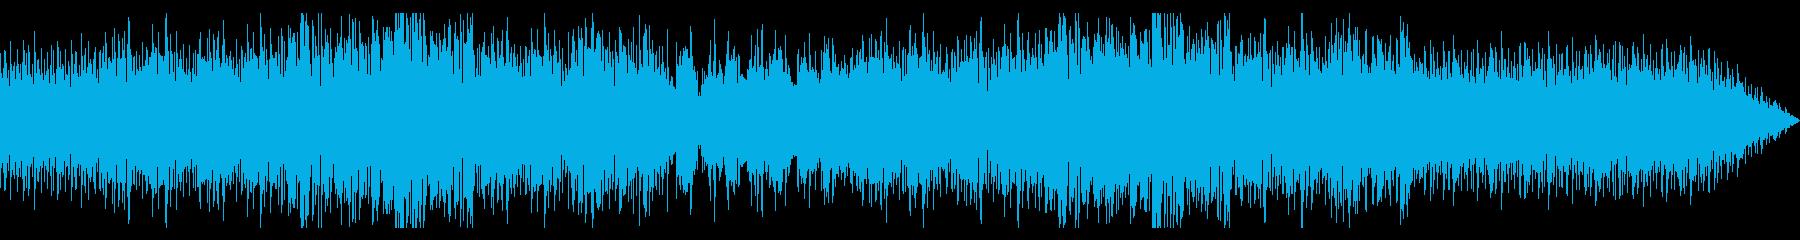 爽やかな印象のインストポップスの再生済みの波形